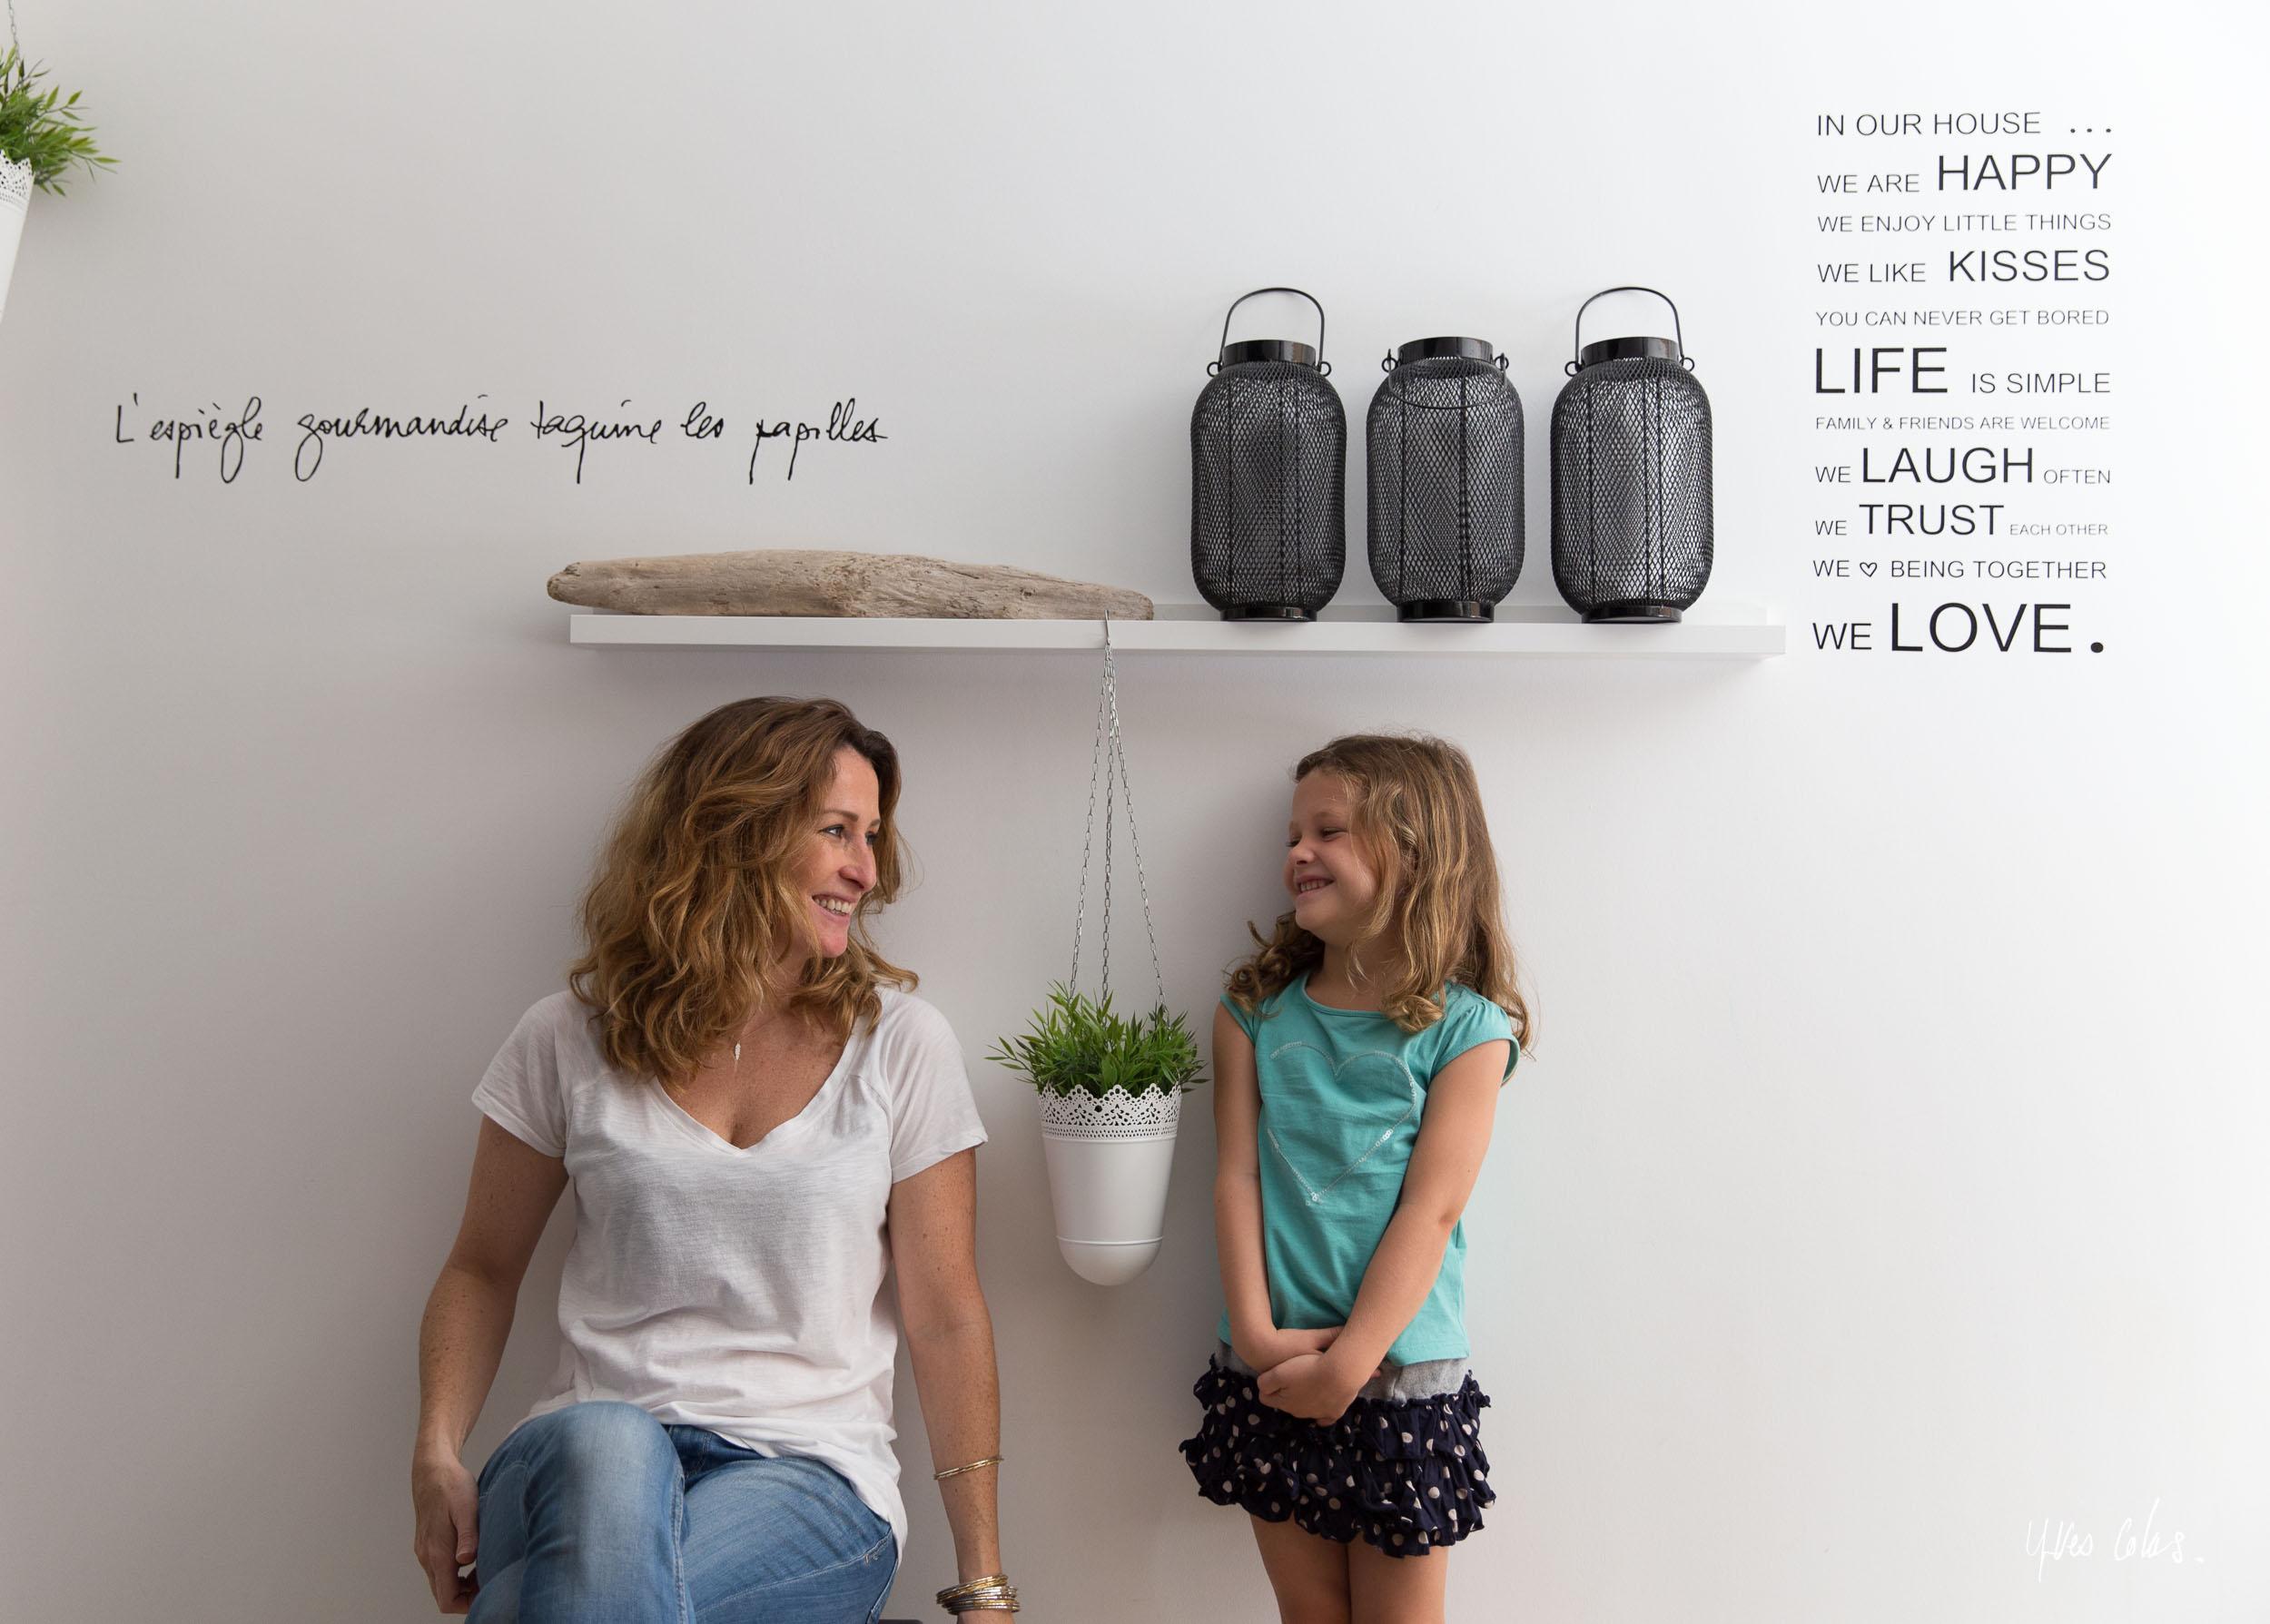 studio colas photographe bien etre aix en provence geneve lausanne. Black Bedroom Furniture Sets. Home Design Ideas